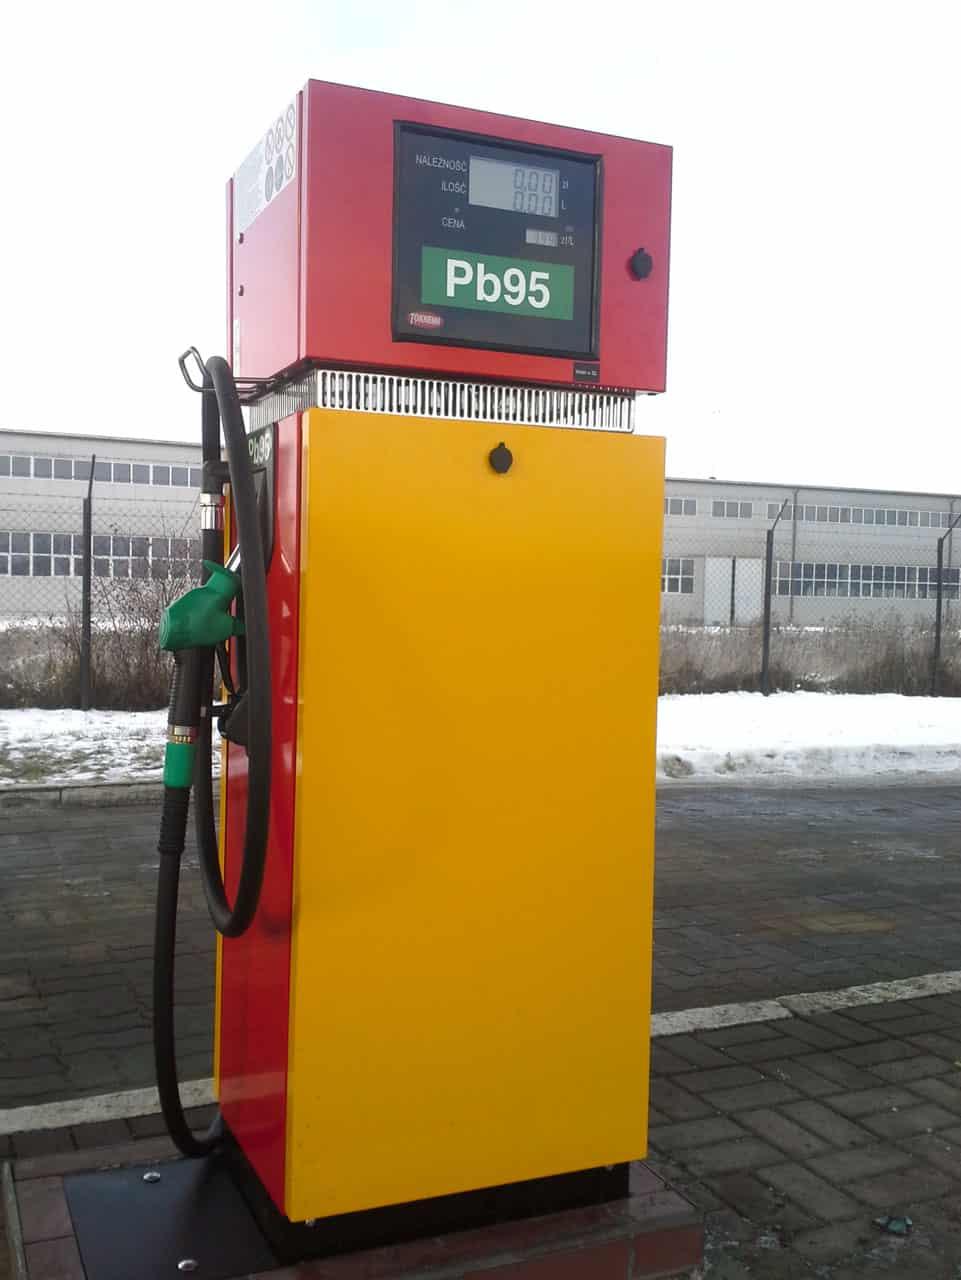 Automat-samoobsługowy-tankowania-PetroMAT-midi-web-MZK-Grudziadz-01